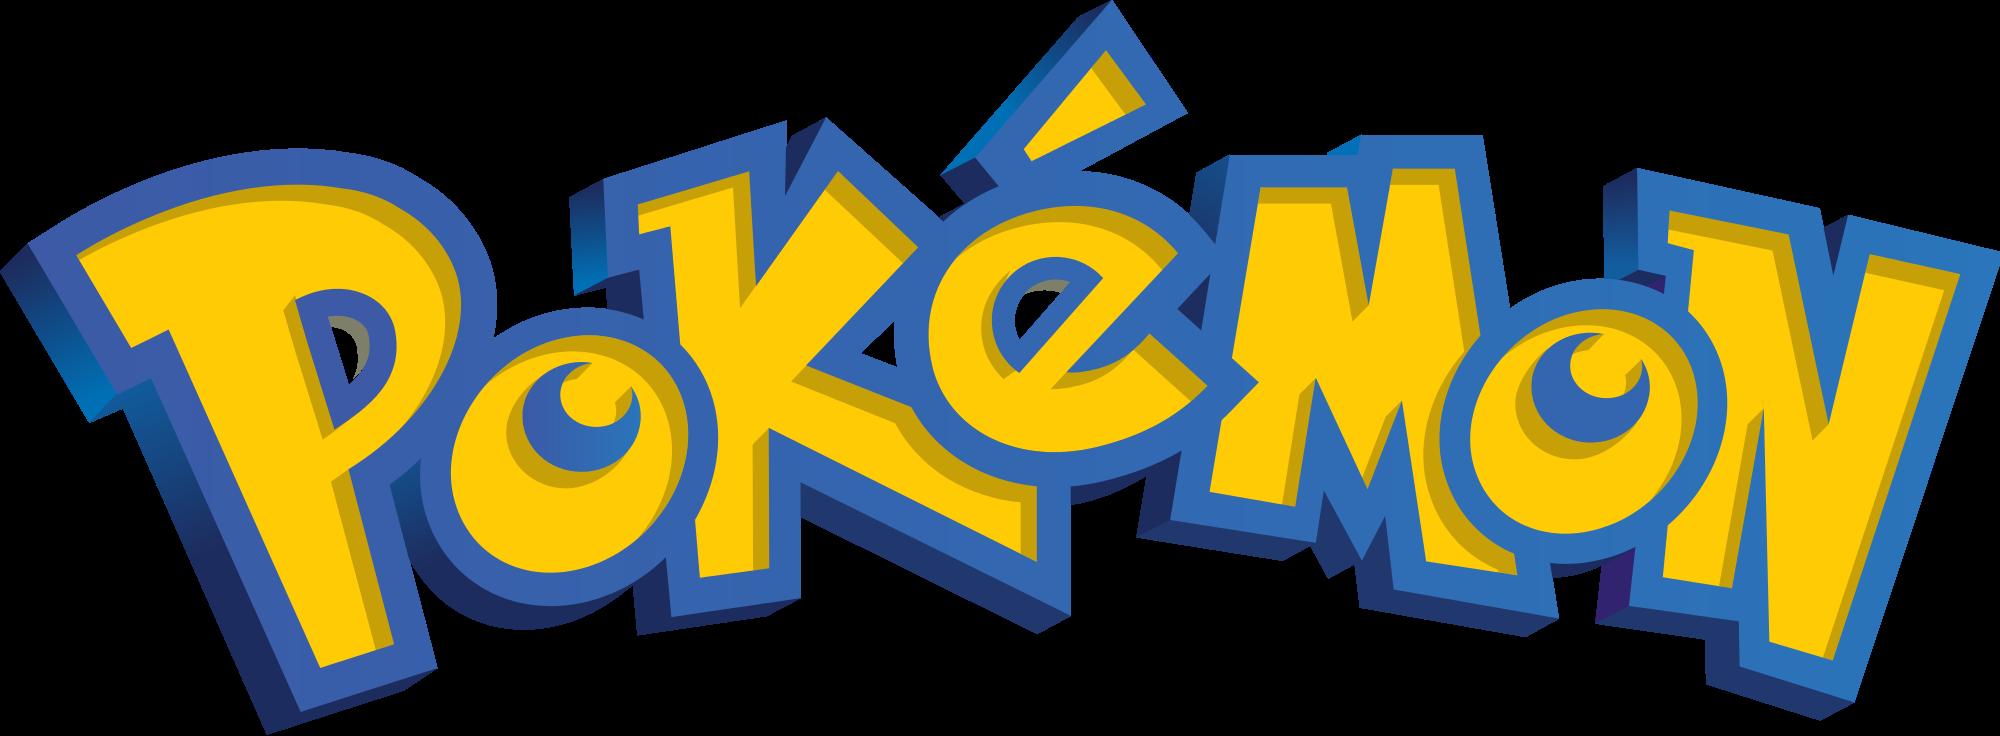 Pokémon Go telefoon snel leeg